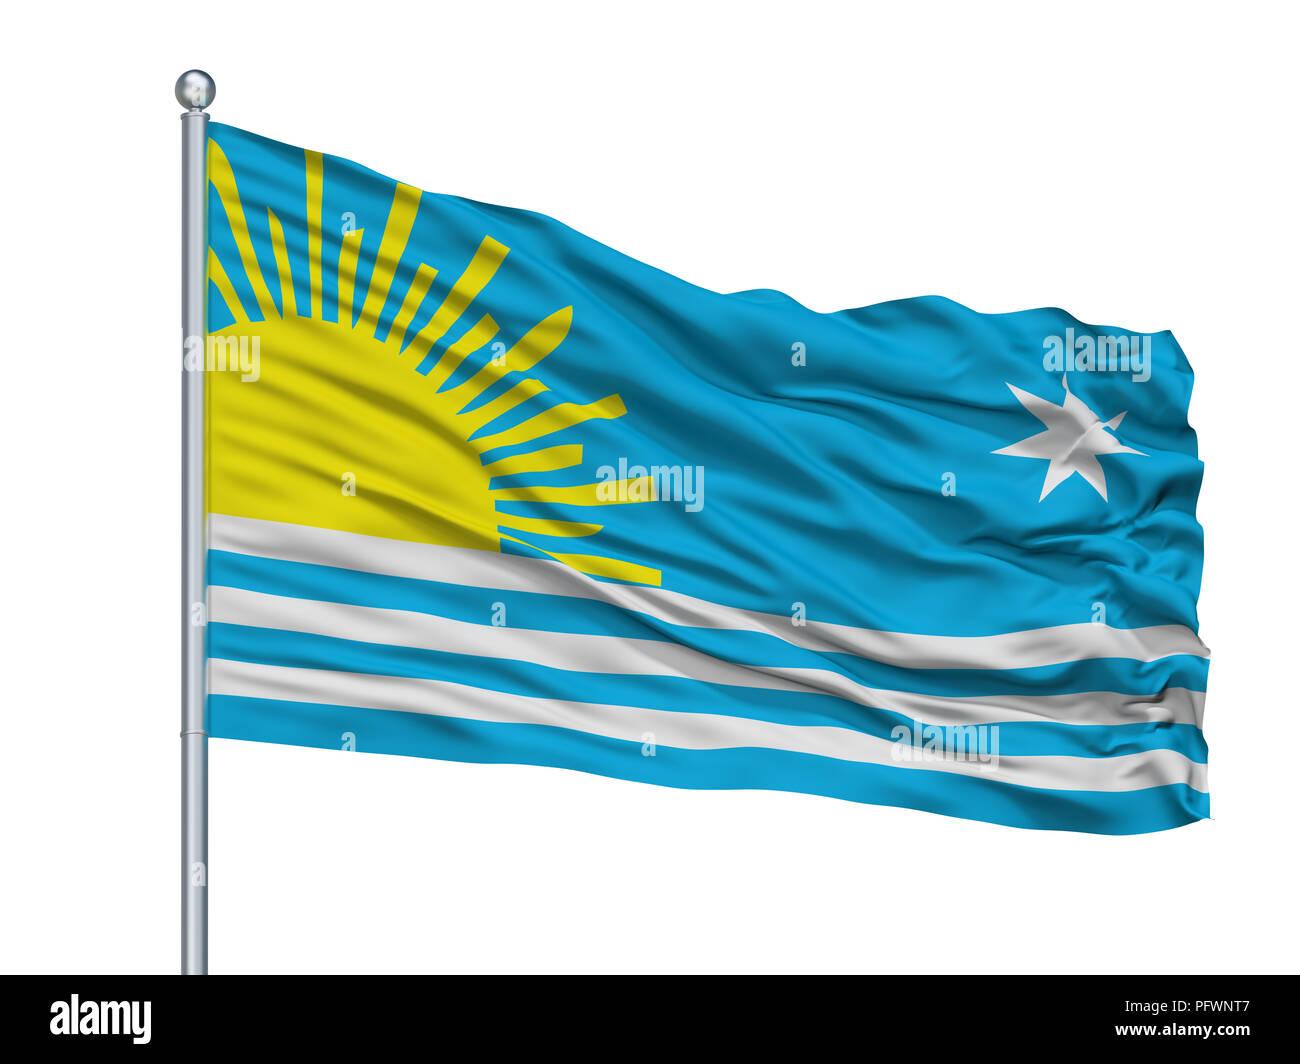 Maldonado City Flag On Flagpole, Uruguay, Isolated On White Background - Stock Image